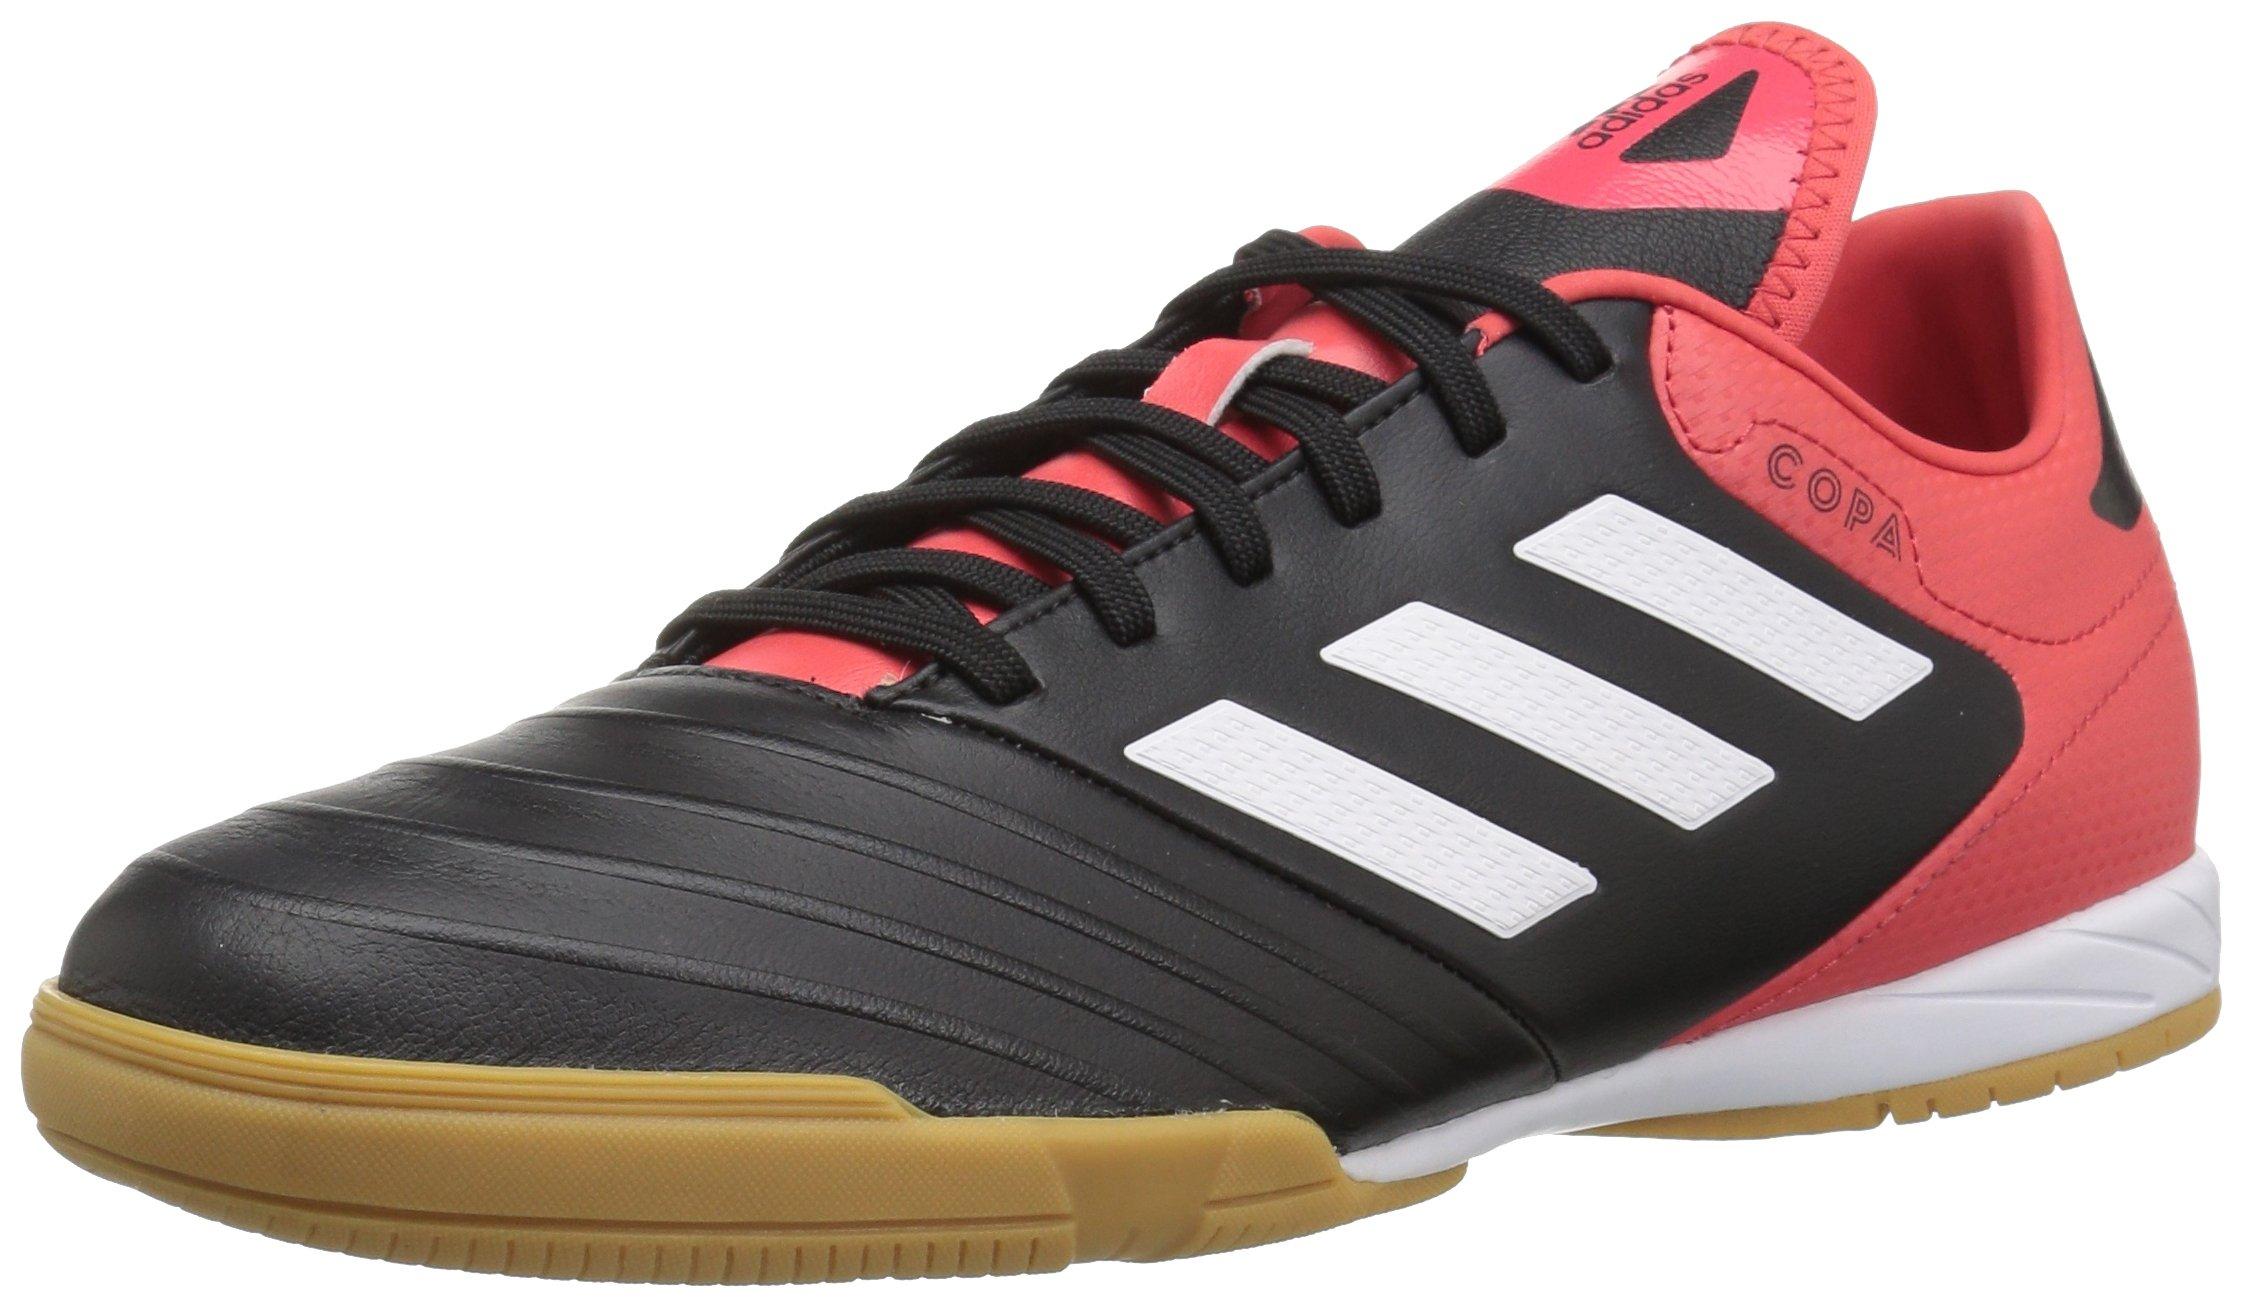 adidas Men s Copa Tango 18.3 in - TiendaMIA.com 5ee1432b525e5